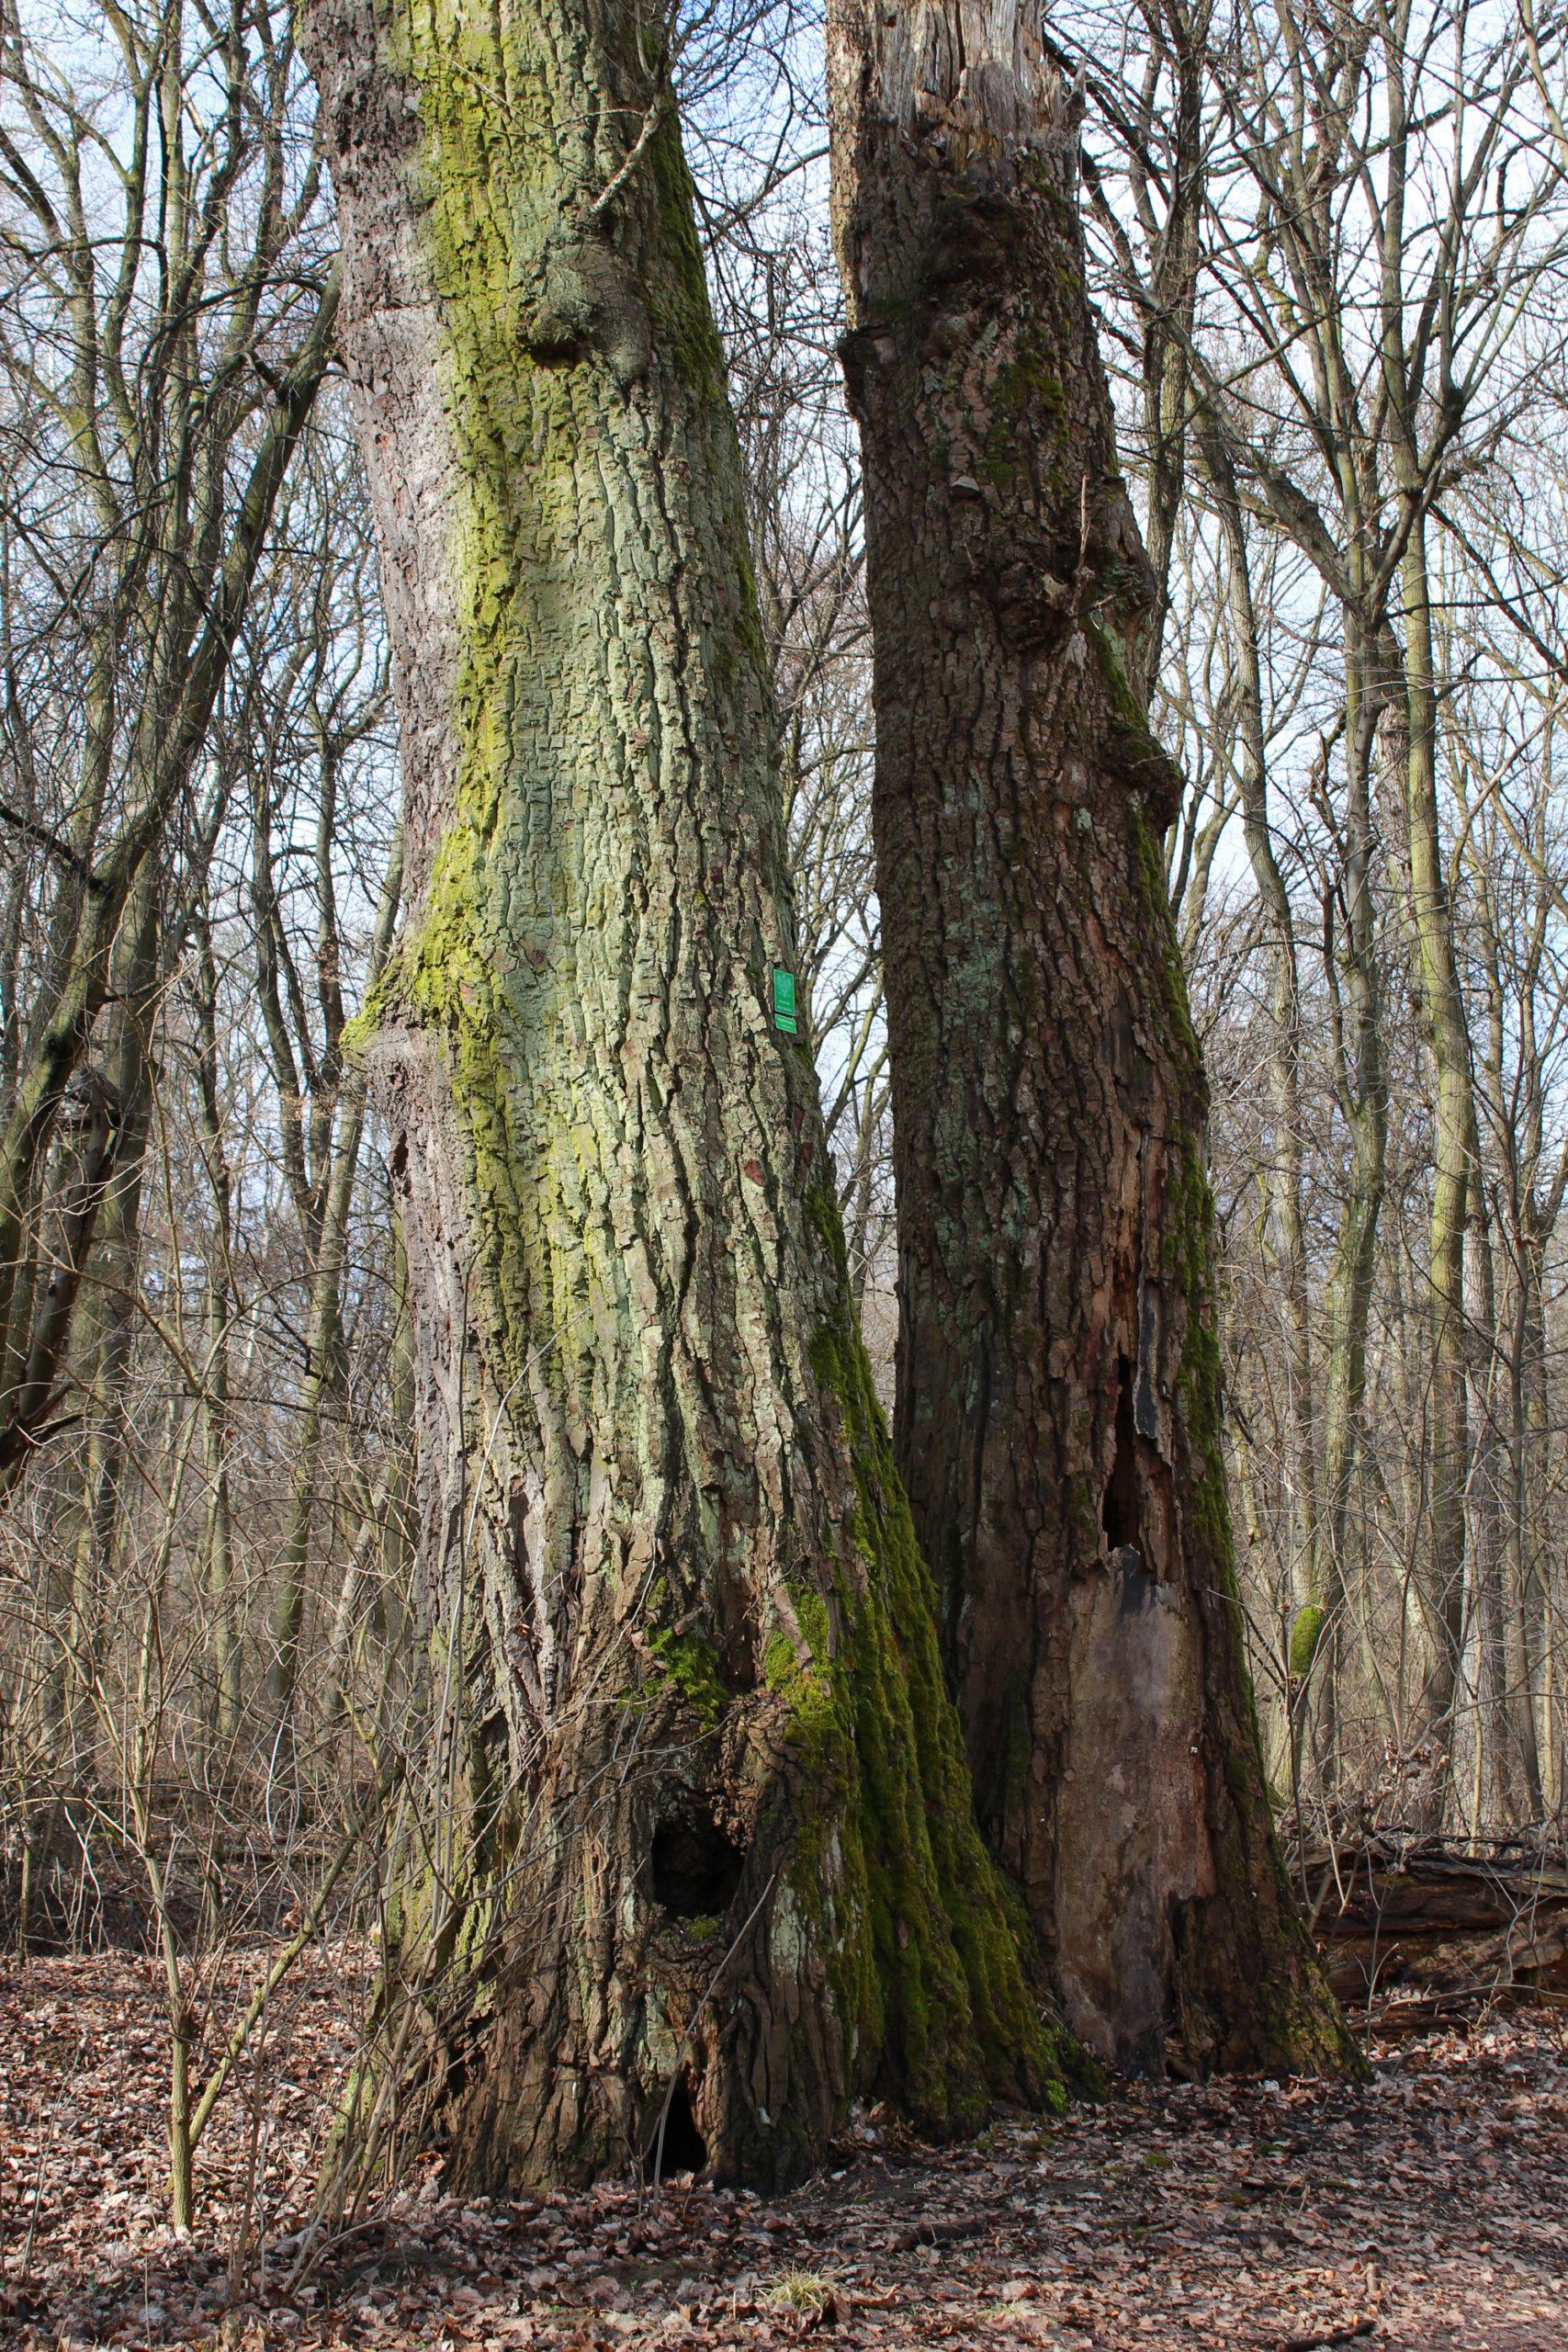 ogromne drzewo pomnik natury